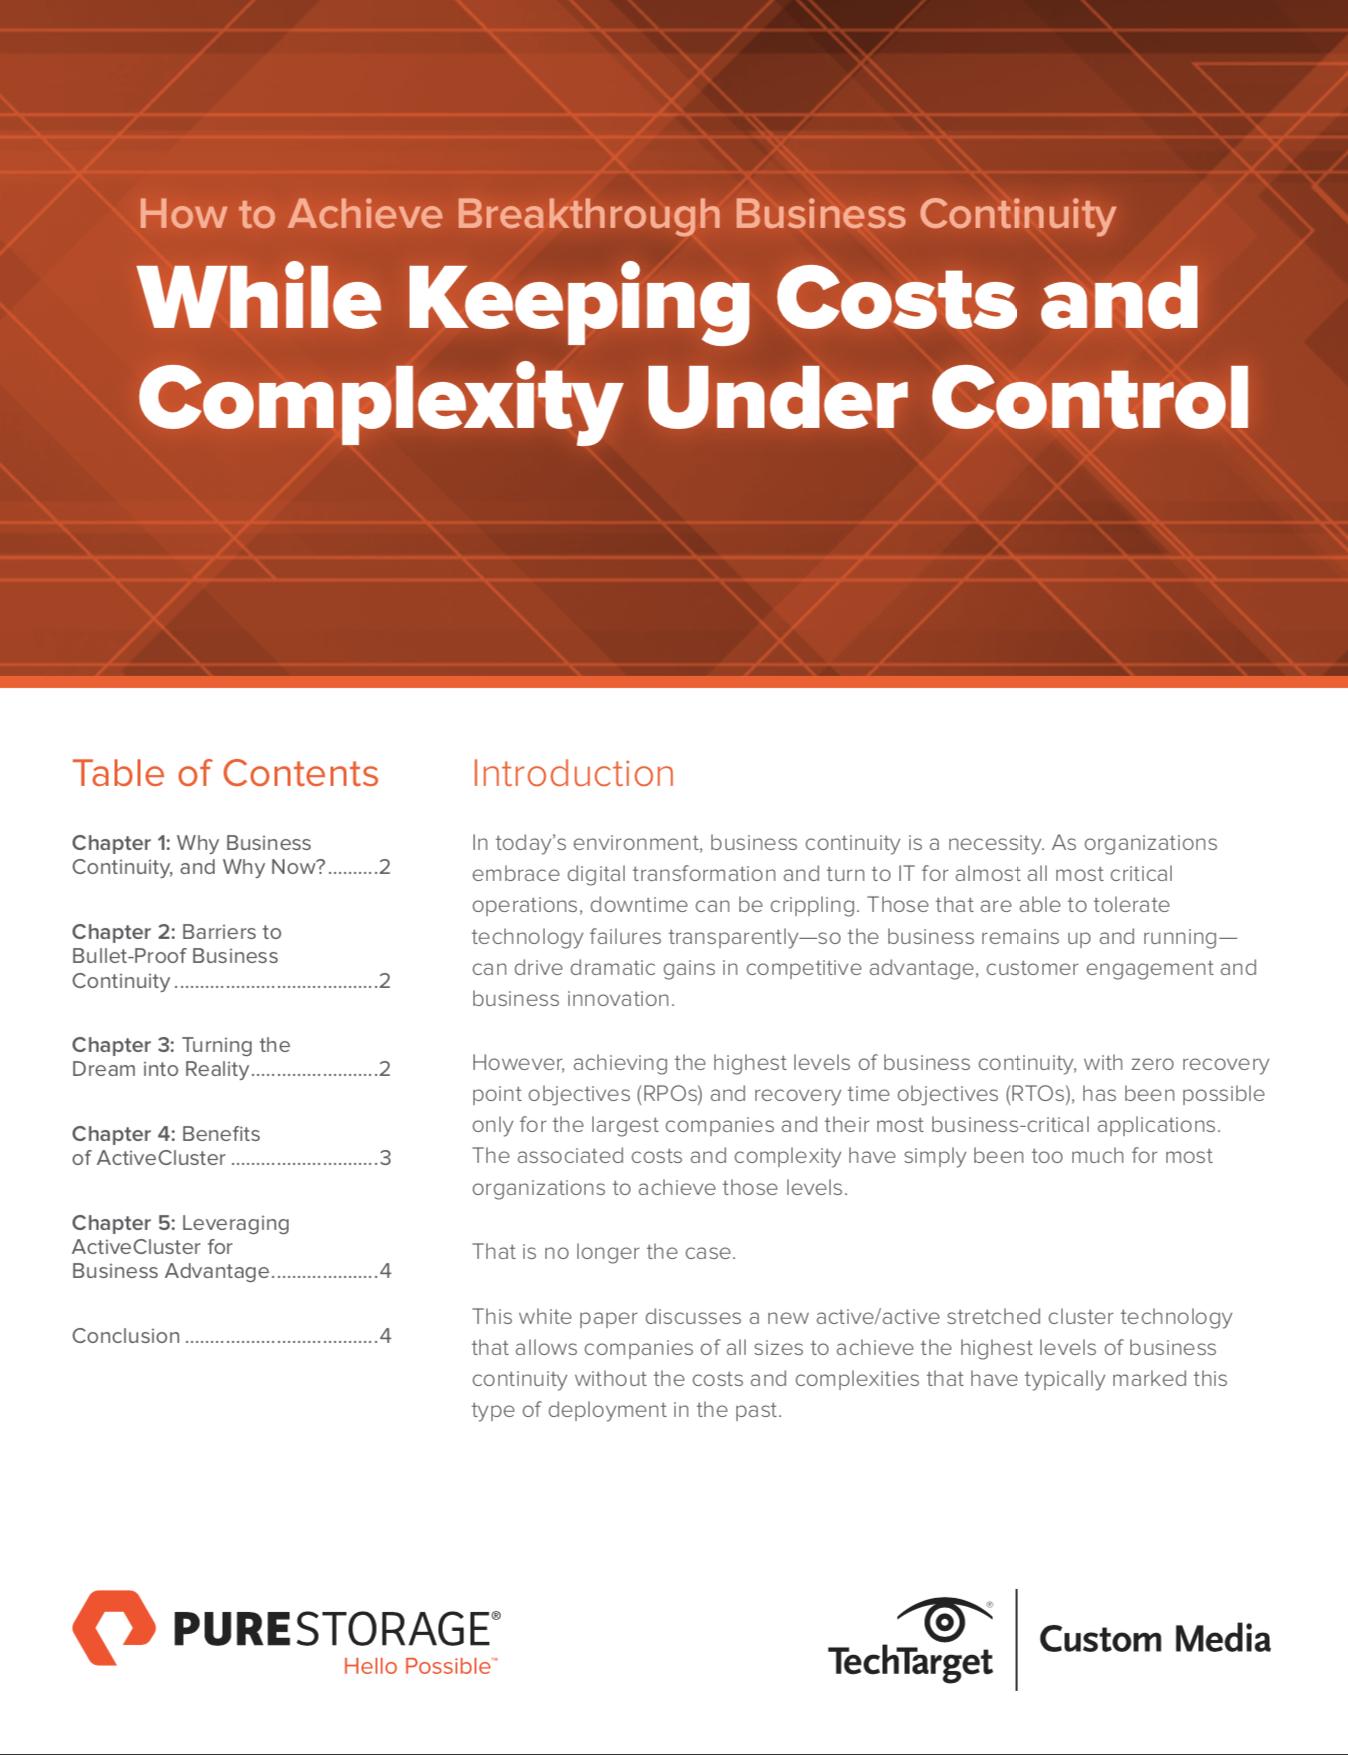 ¿Cómo lograr una continuidad de negocios innovadora manteniendo bajo control los costos y la complejidad?